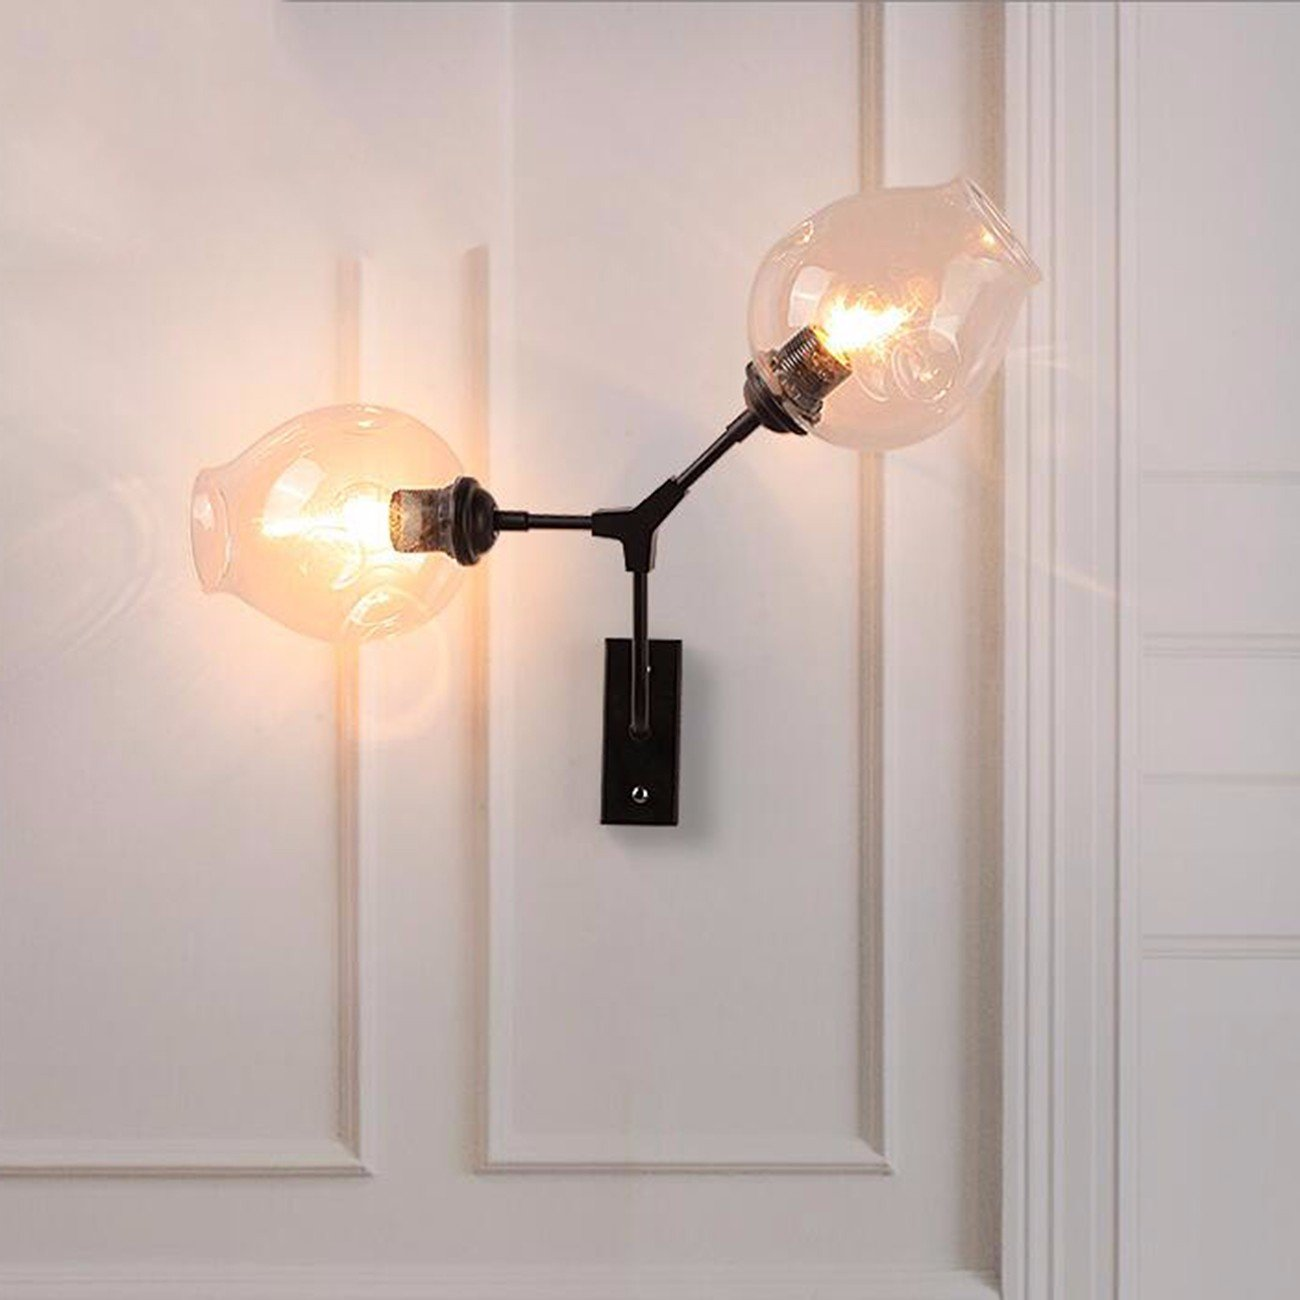 T-ZBDZ Wandlampe Studie Wohnzimmer Nachttischlampe magische Glaswand Lampe